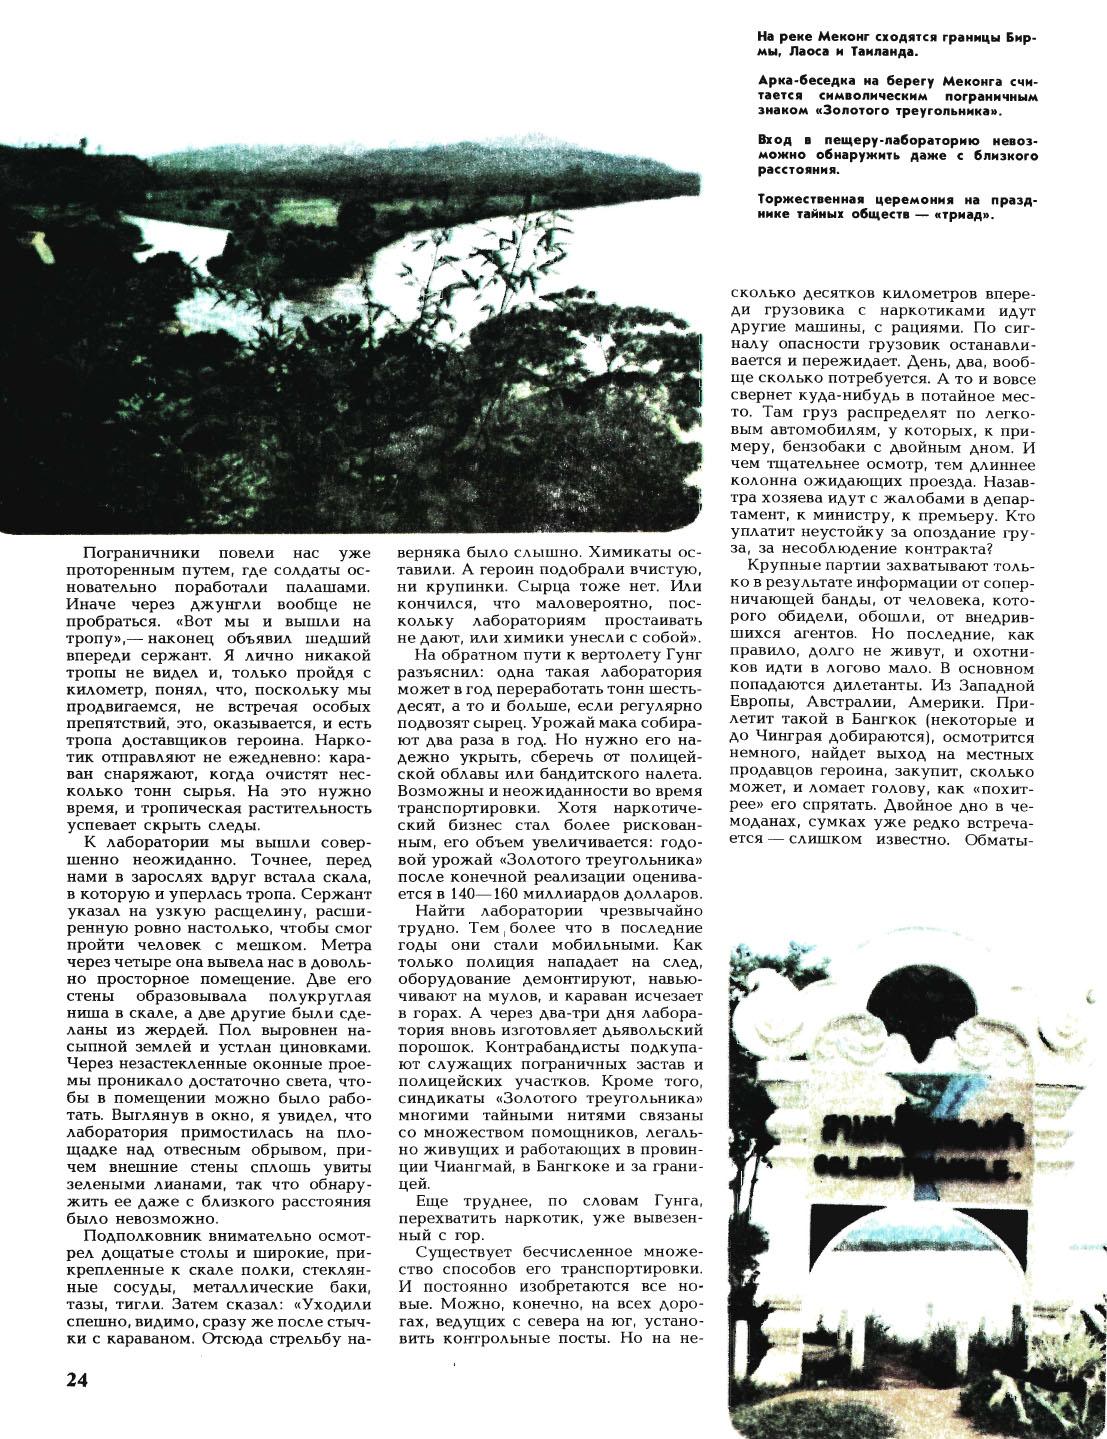 VS_1988-09_02.jpg